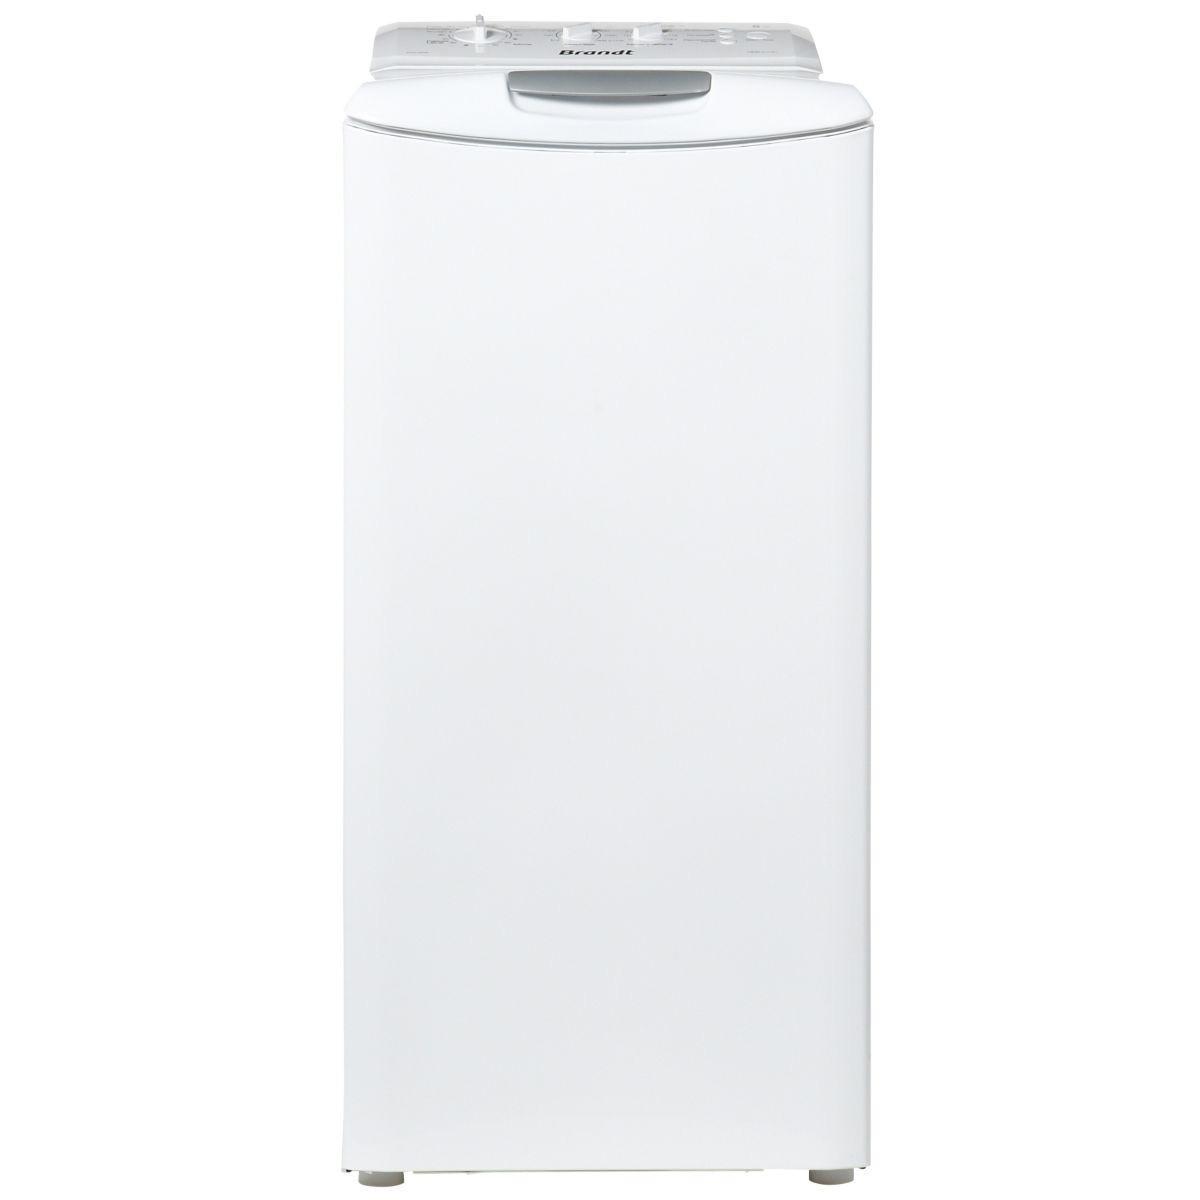 Lave-linge top 5kg - 40cm - Classe A+ - 1200 trs/min -départ différé WTC0122FW